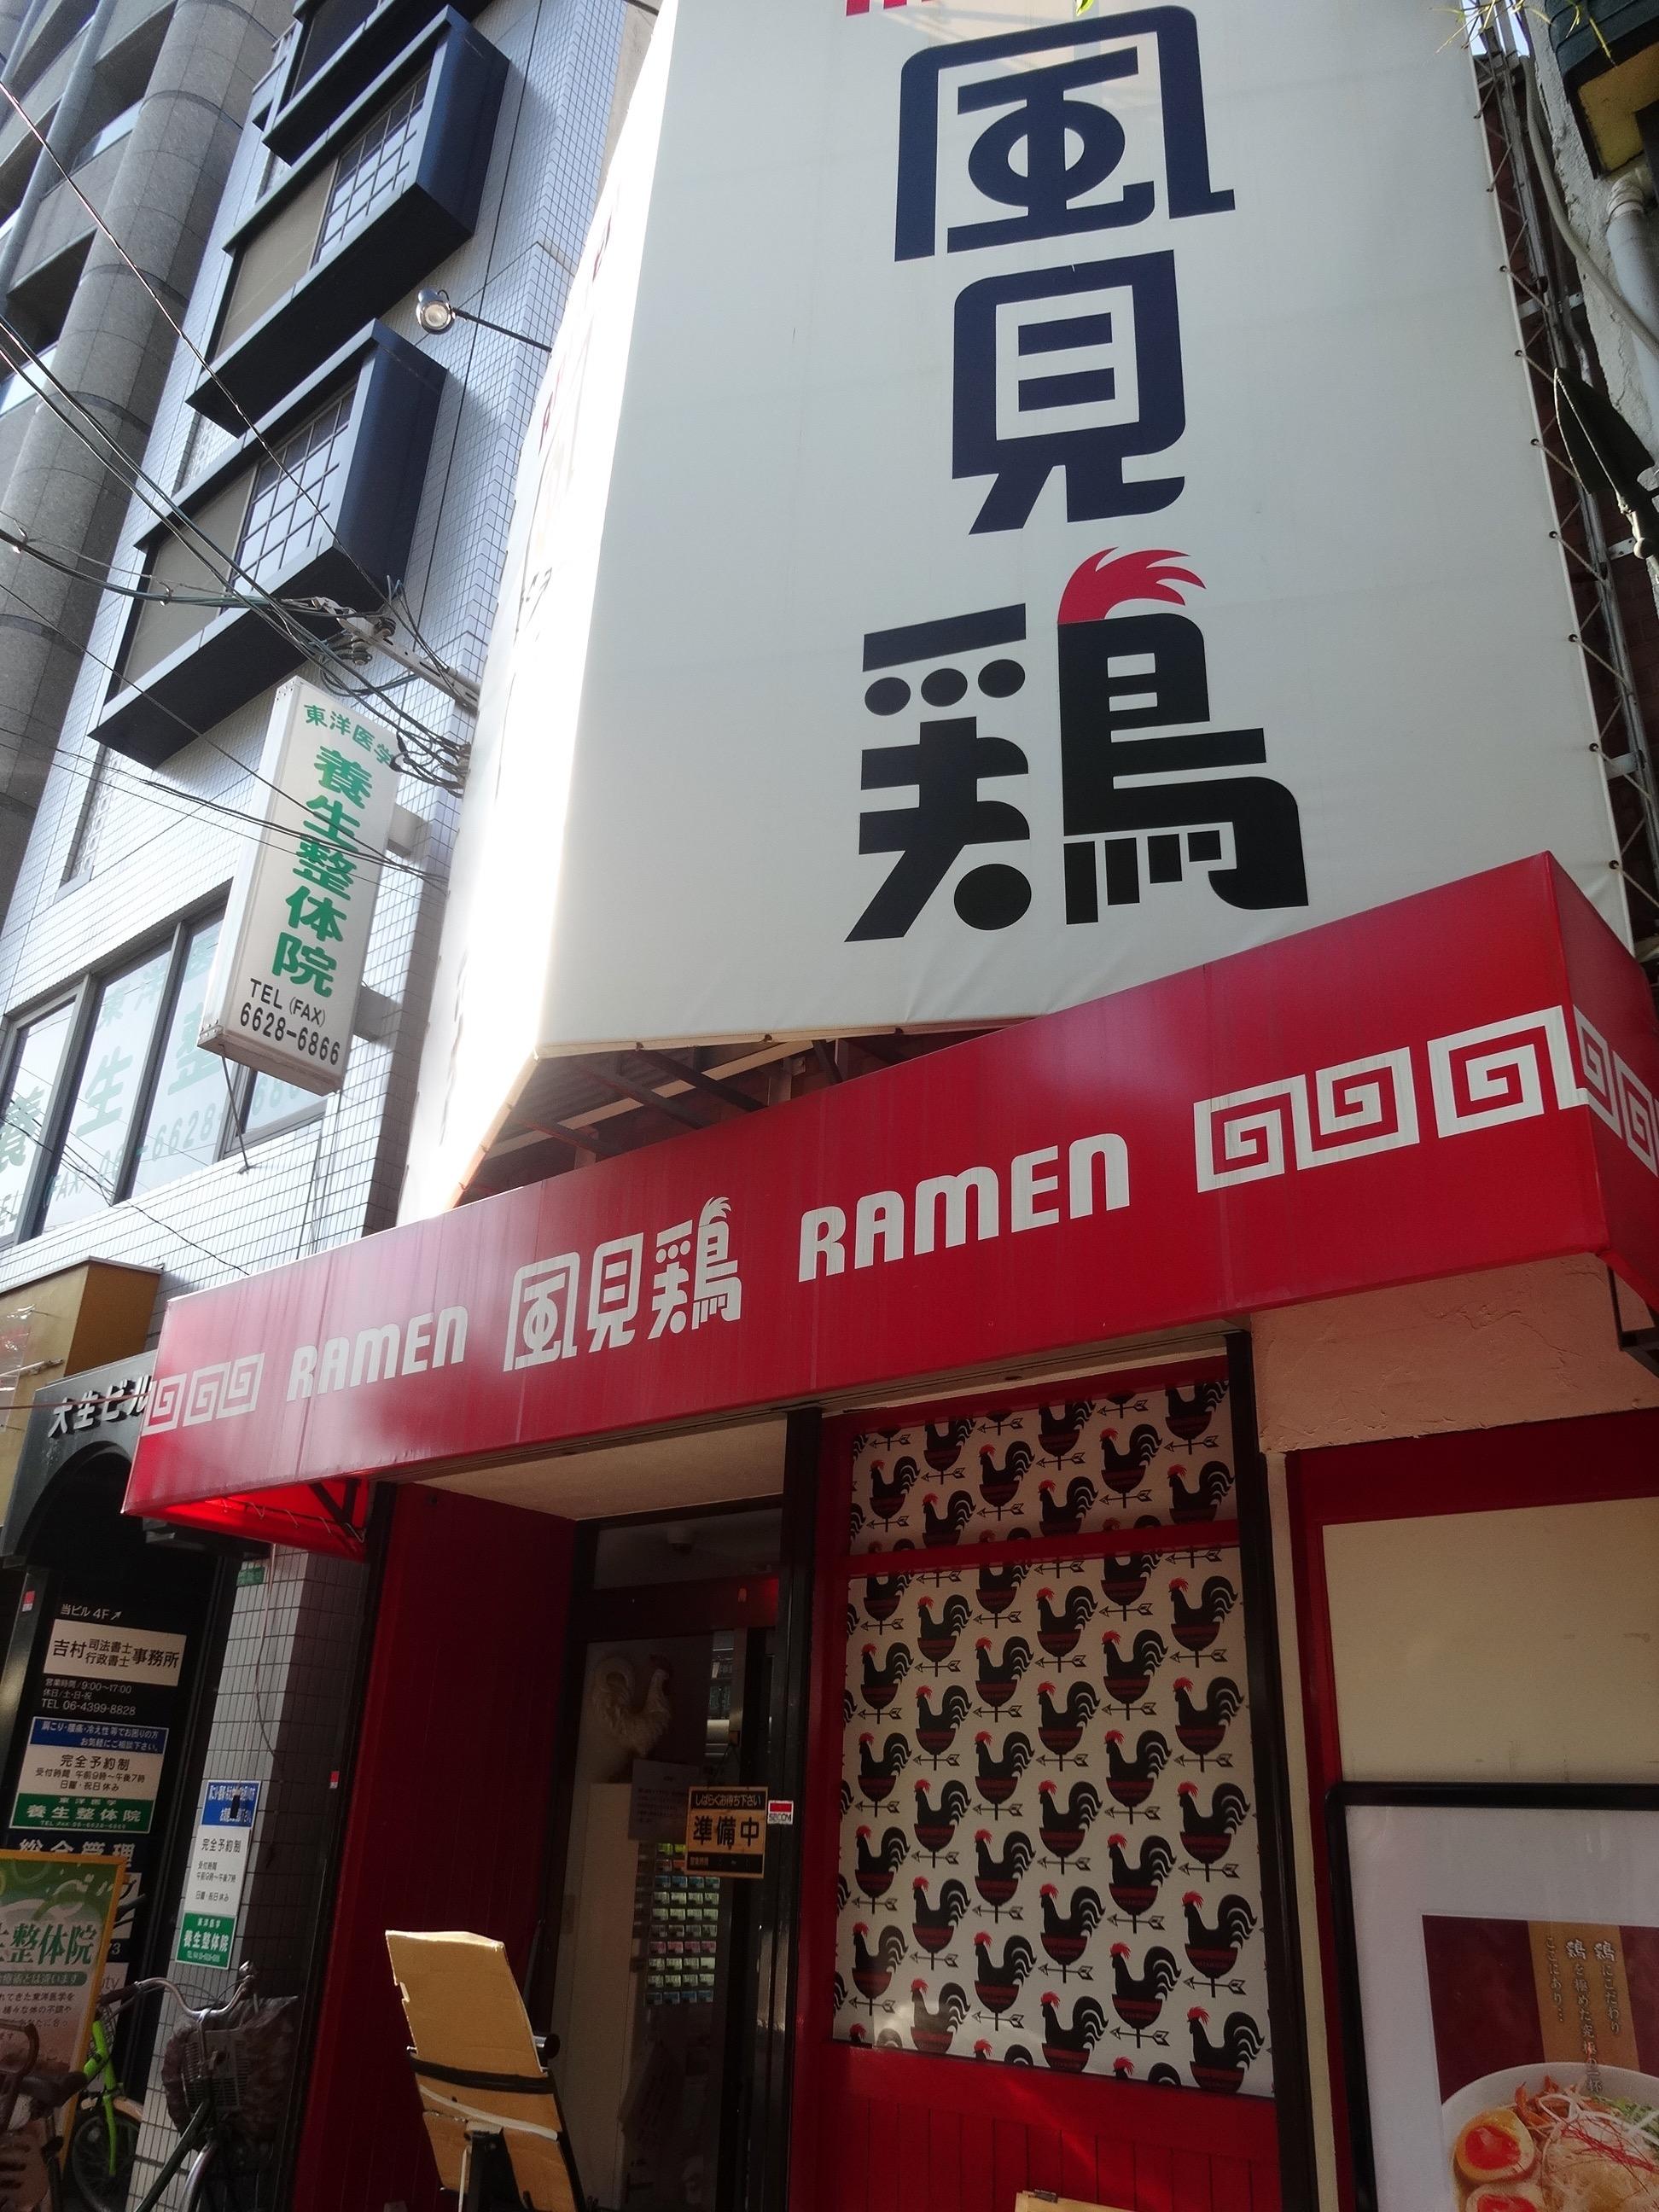 【業務用製麺】「RAMEN 風見鶏 阿倍野」店長様より 製麺技能士謹製麺について